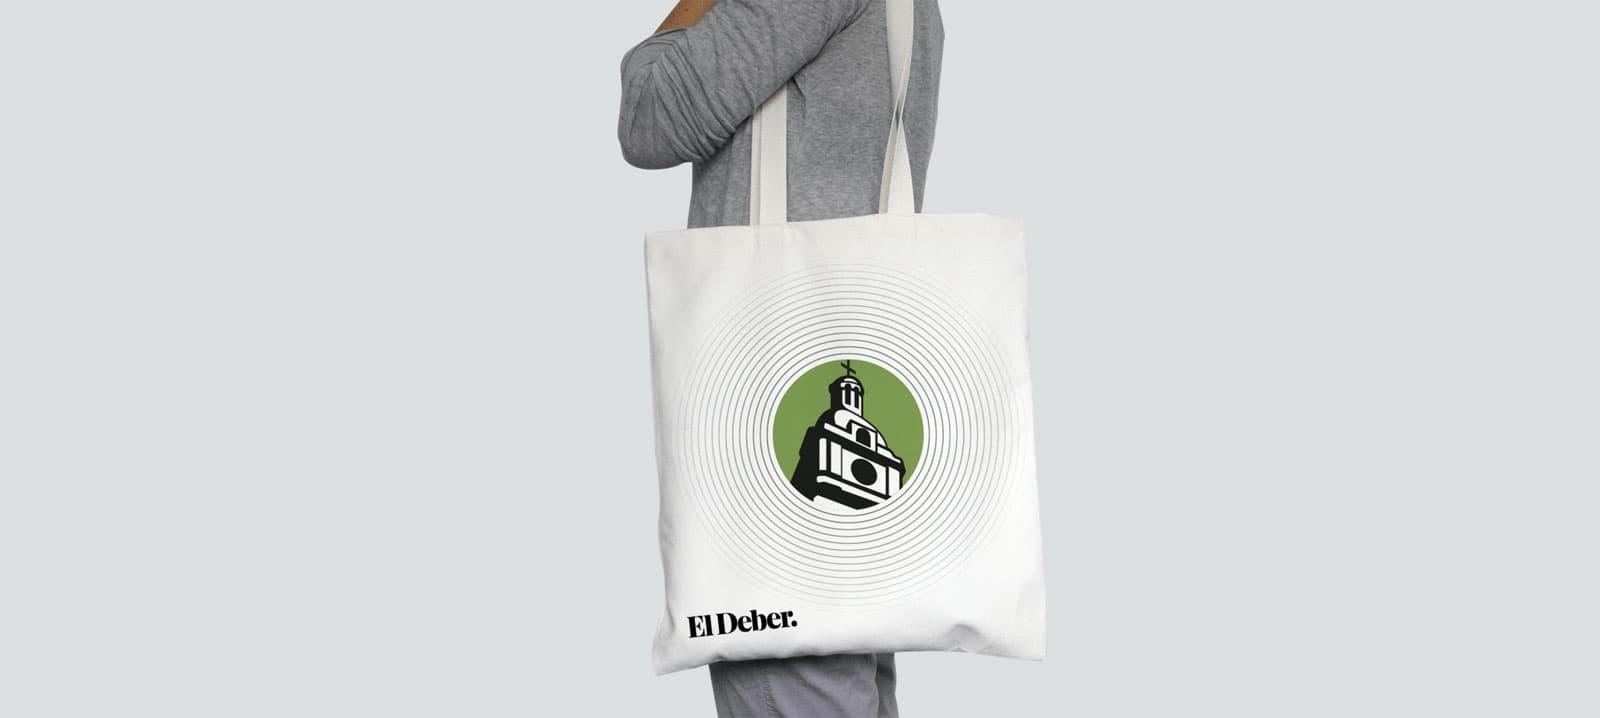 El Deber - Bag